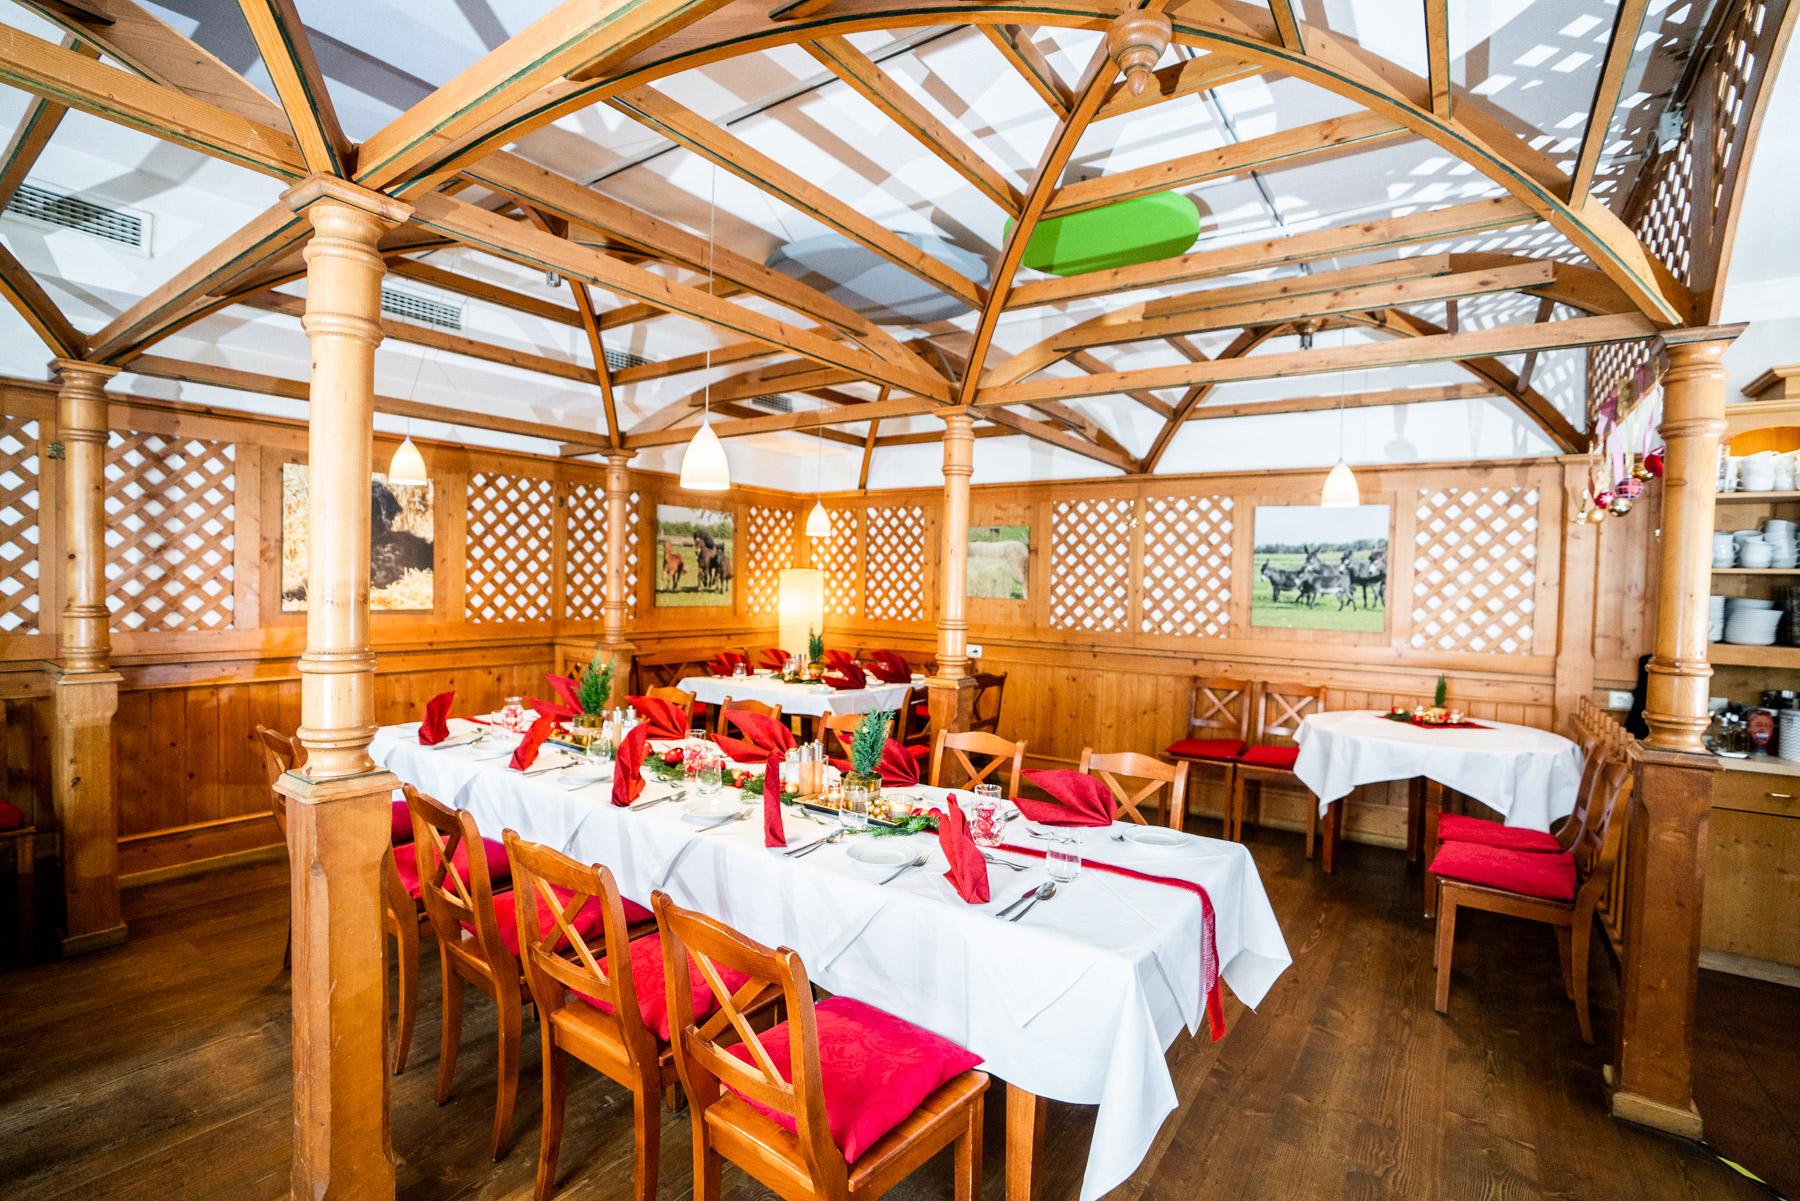 reitsberger-hof-vaterstetten-restaurant-12122018-mokati-266